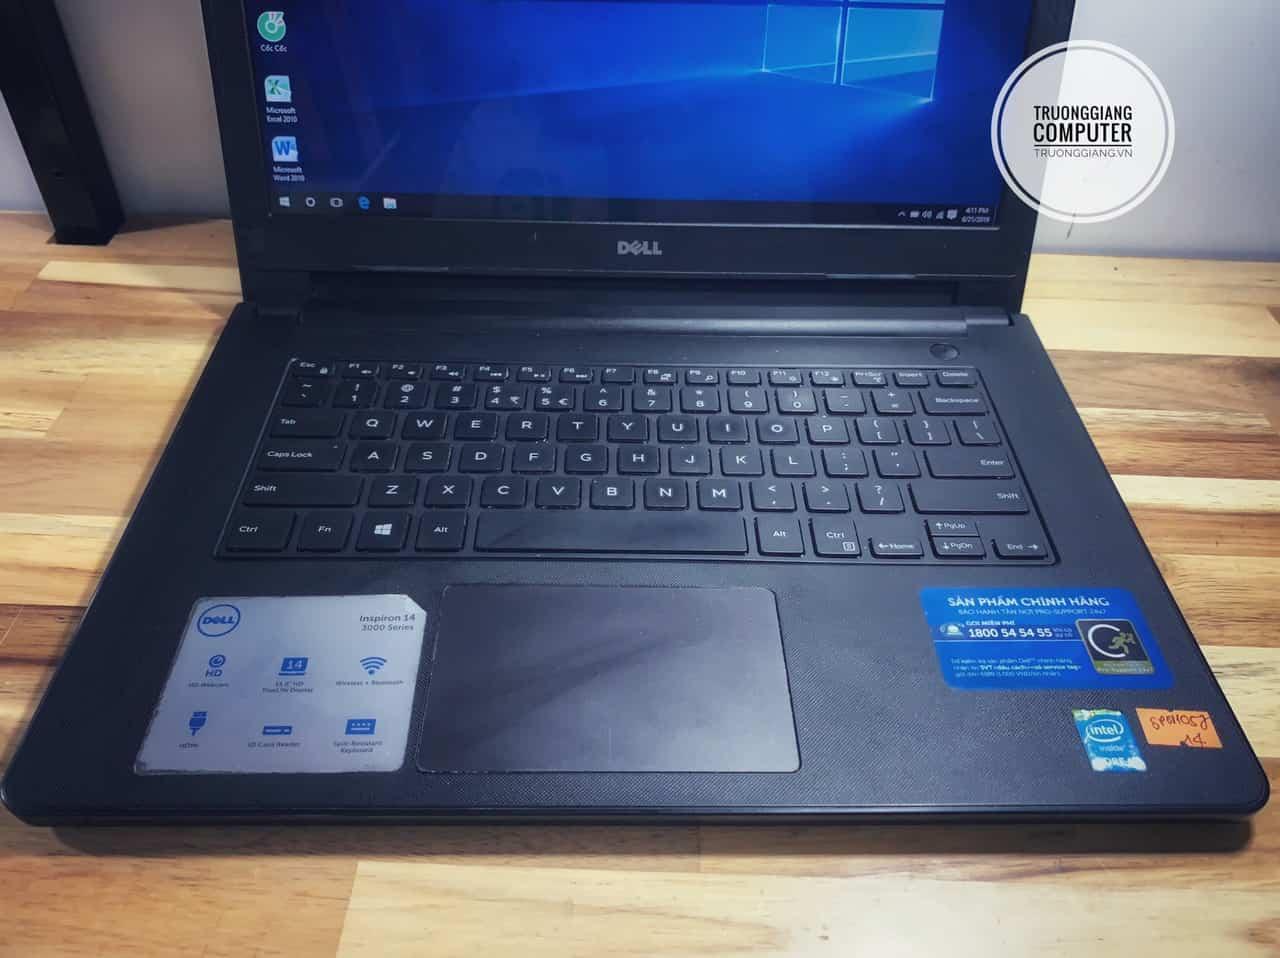 bàn phím laptop Dell inspiron 3458